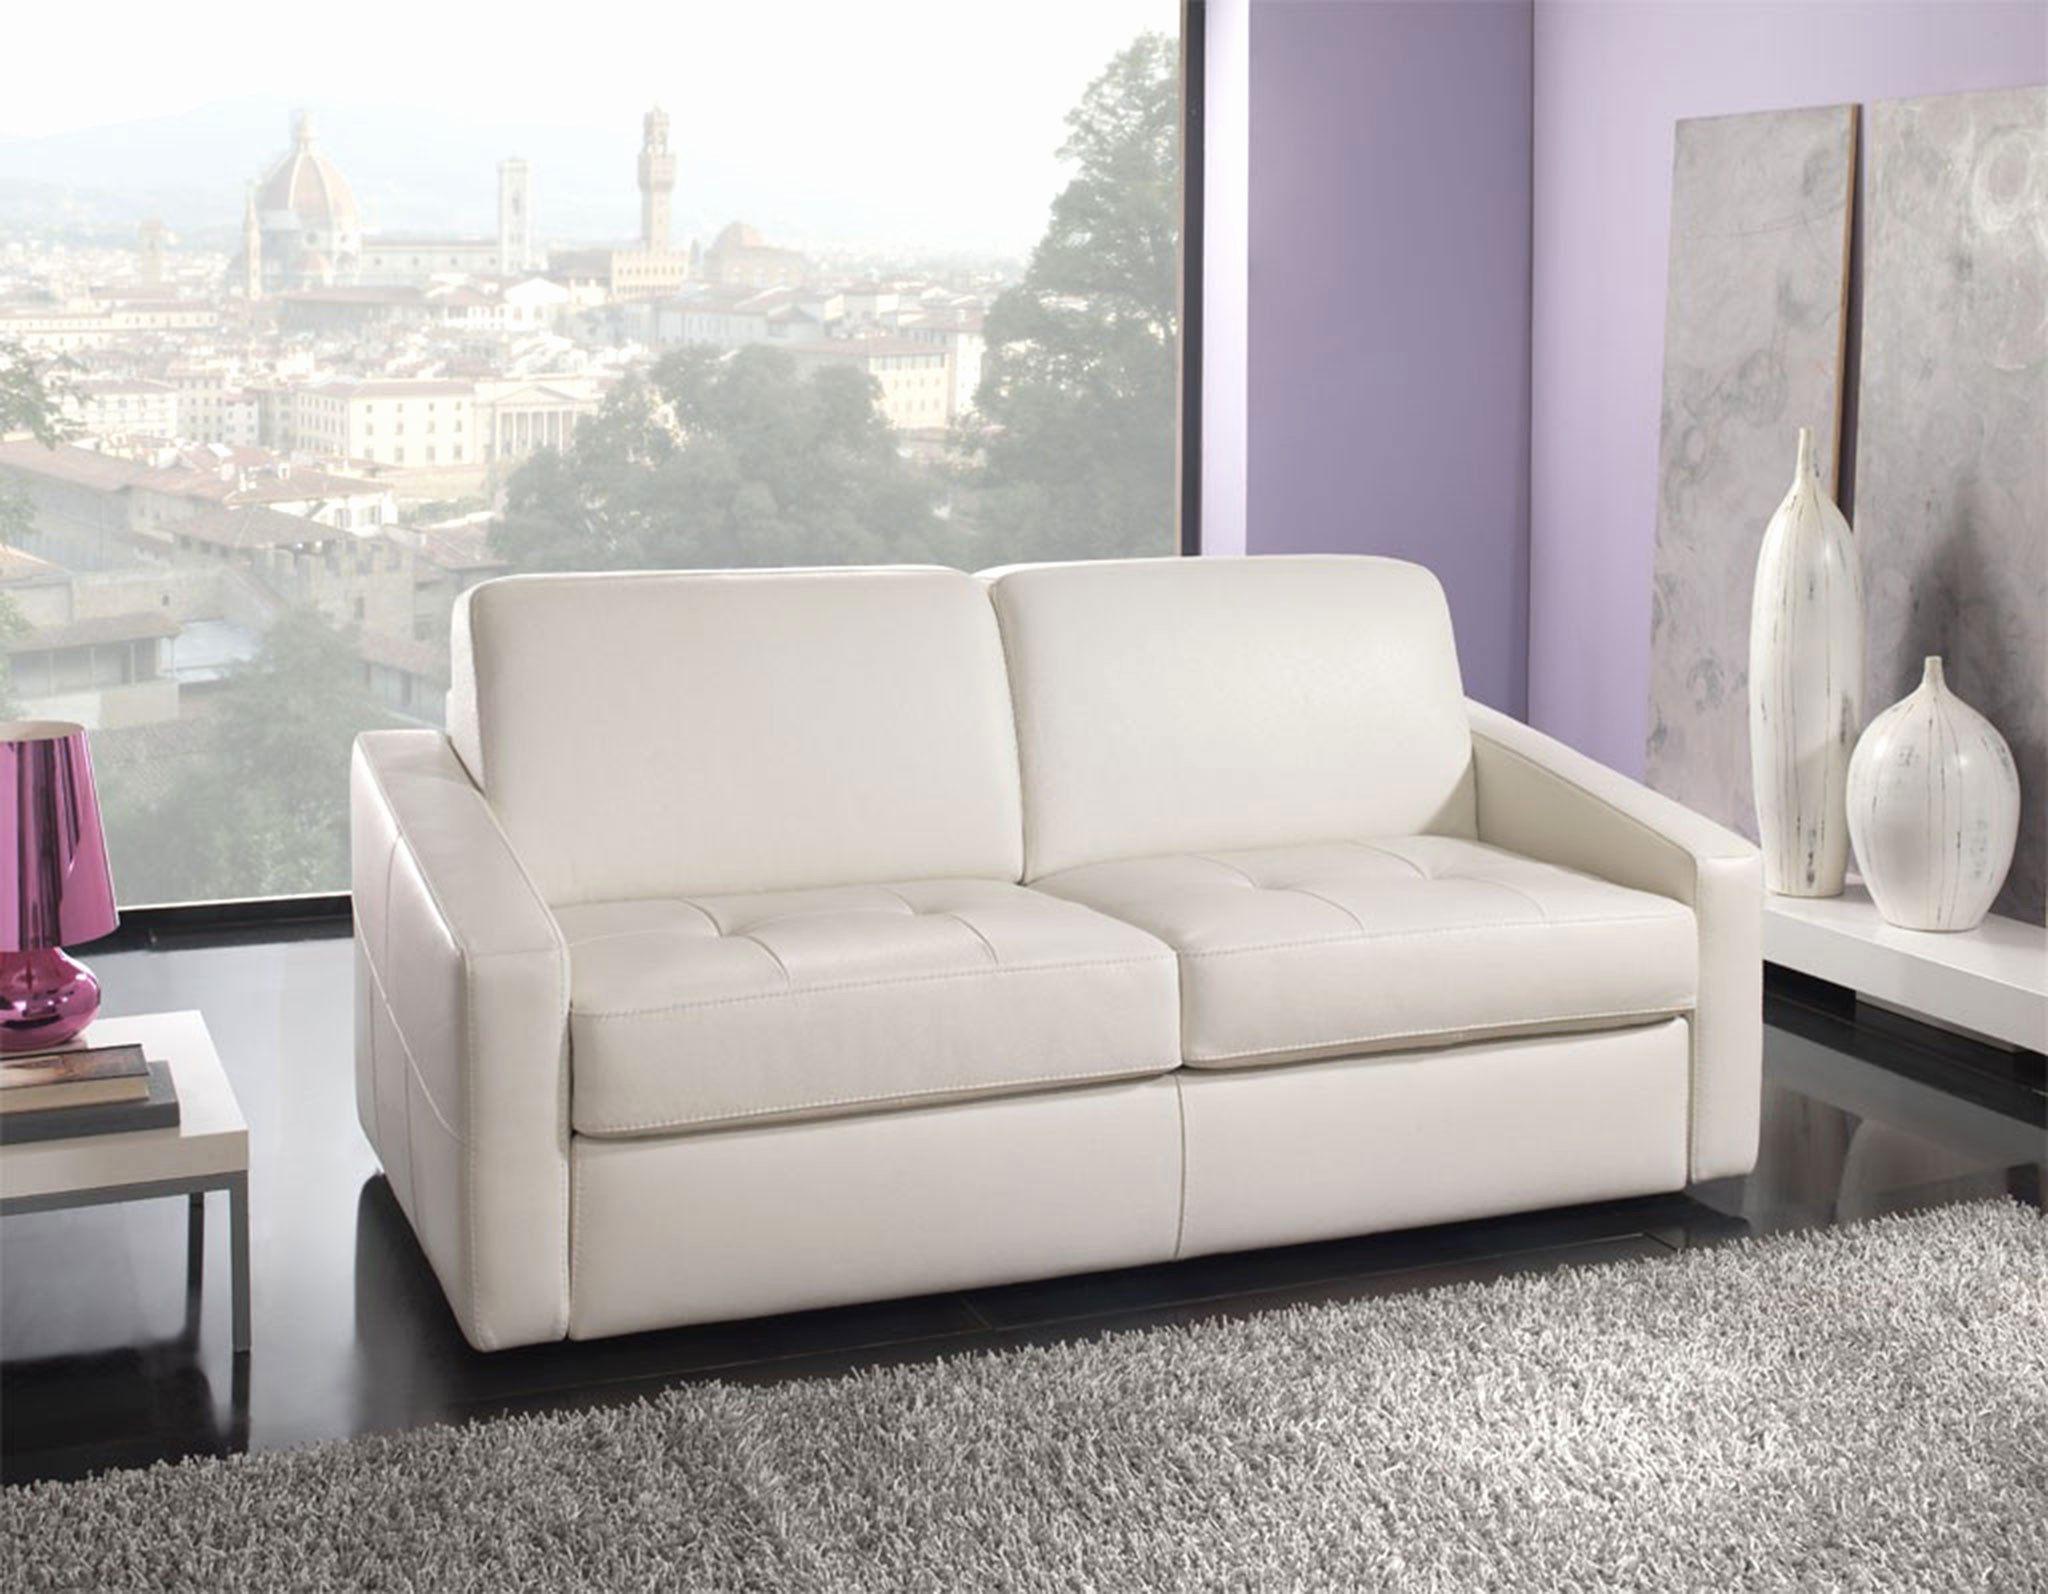 Lit 130×190 Ikea Meilleur De Ektorp Convertible 3 Places Luxe S Canape Modulable Ikea Unique